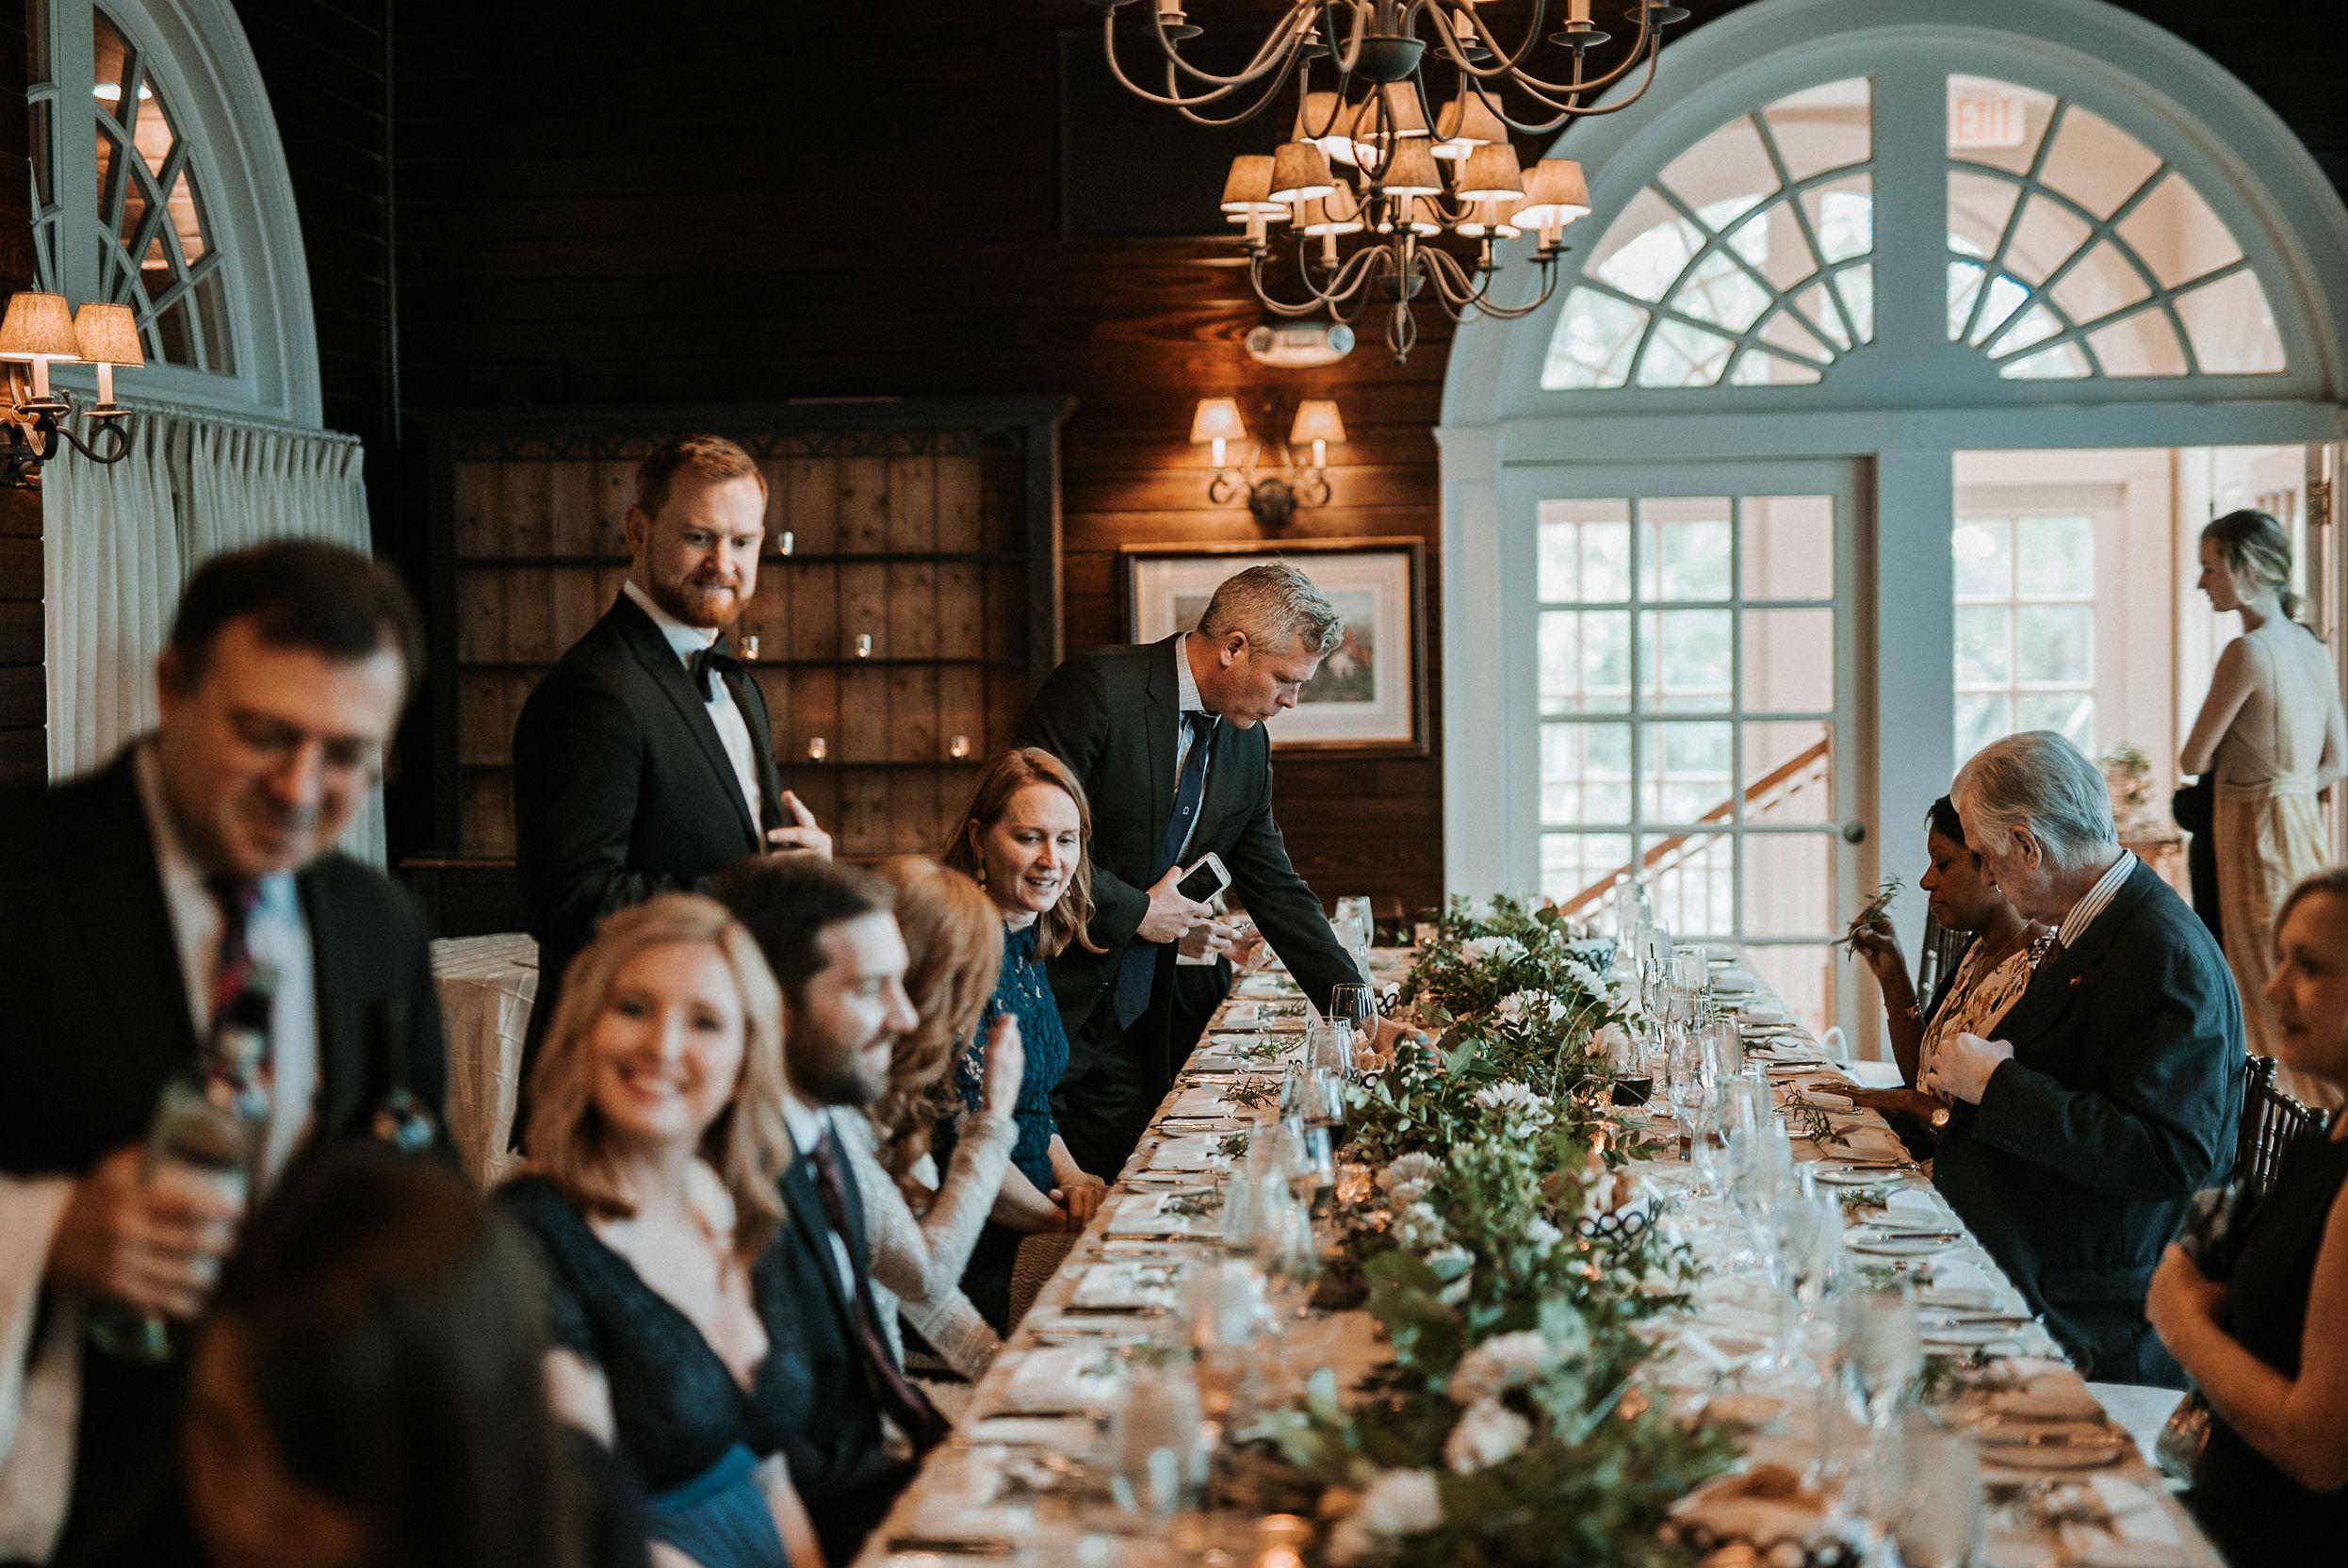 guests enjoying dinner at Goodstone Inn & Restaurant